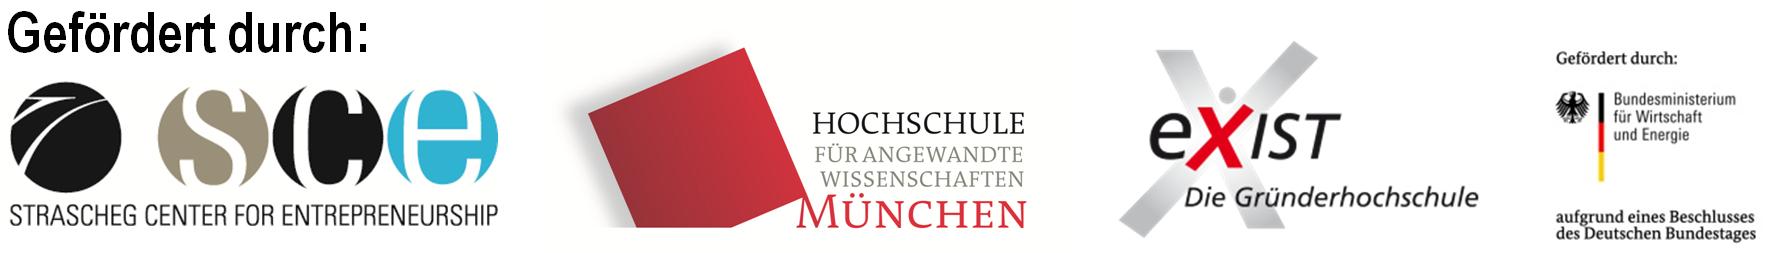 gefördert durch das SCE Strascheg Center for Entrepreneurship an der Hochschule München